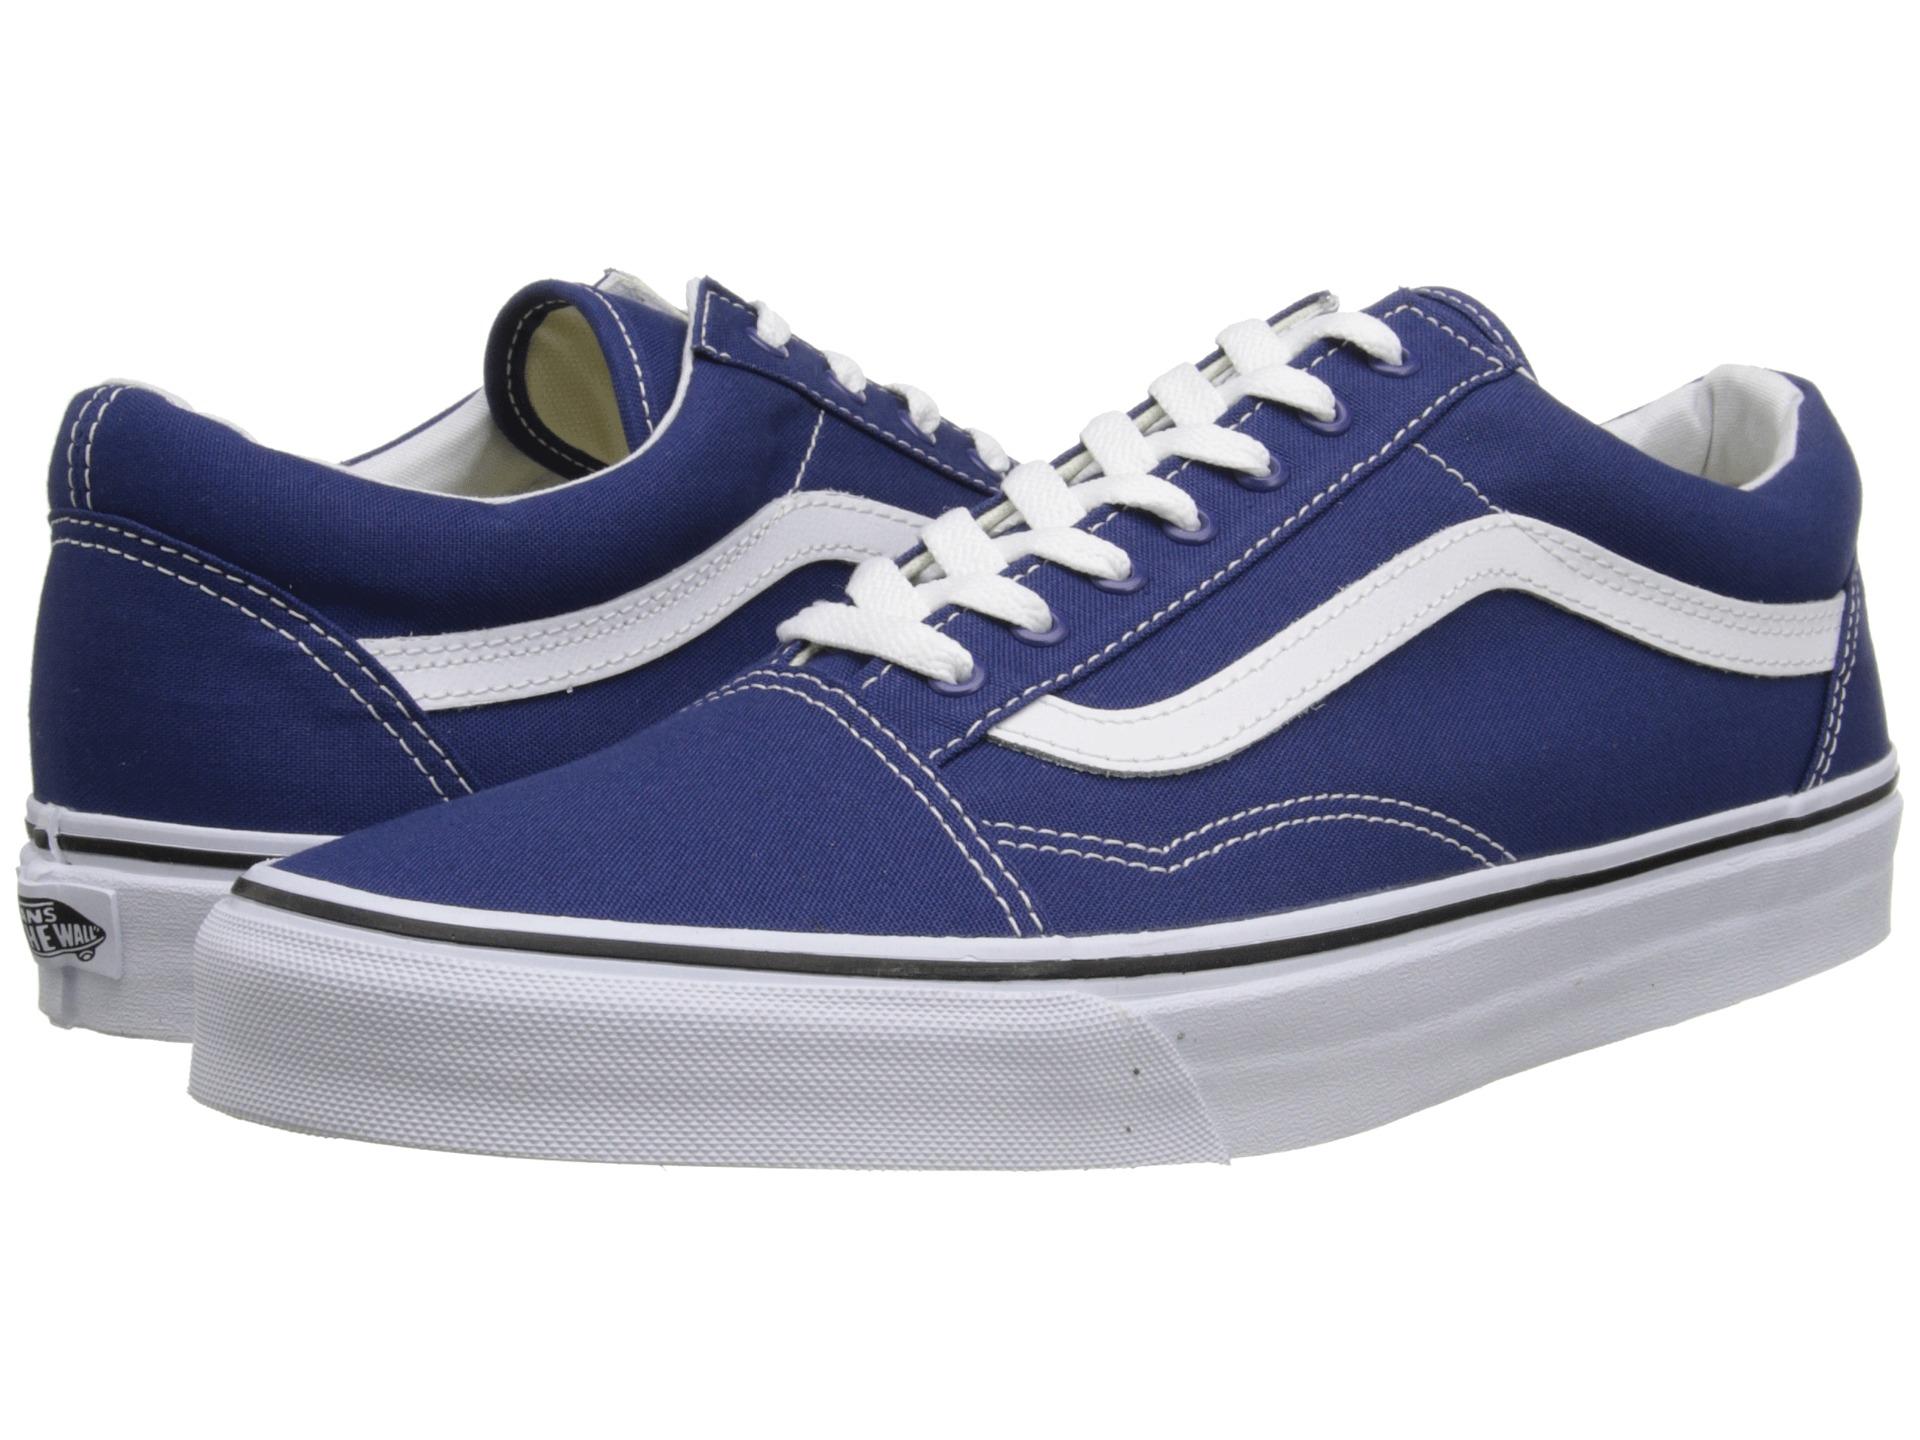 Lyst - Vans Old Skool™ in Blue 4b7a717ae585